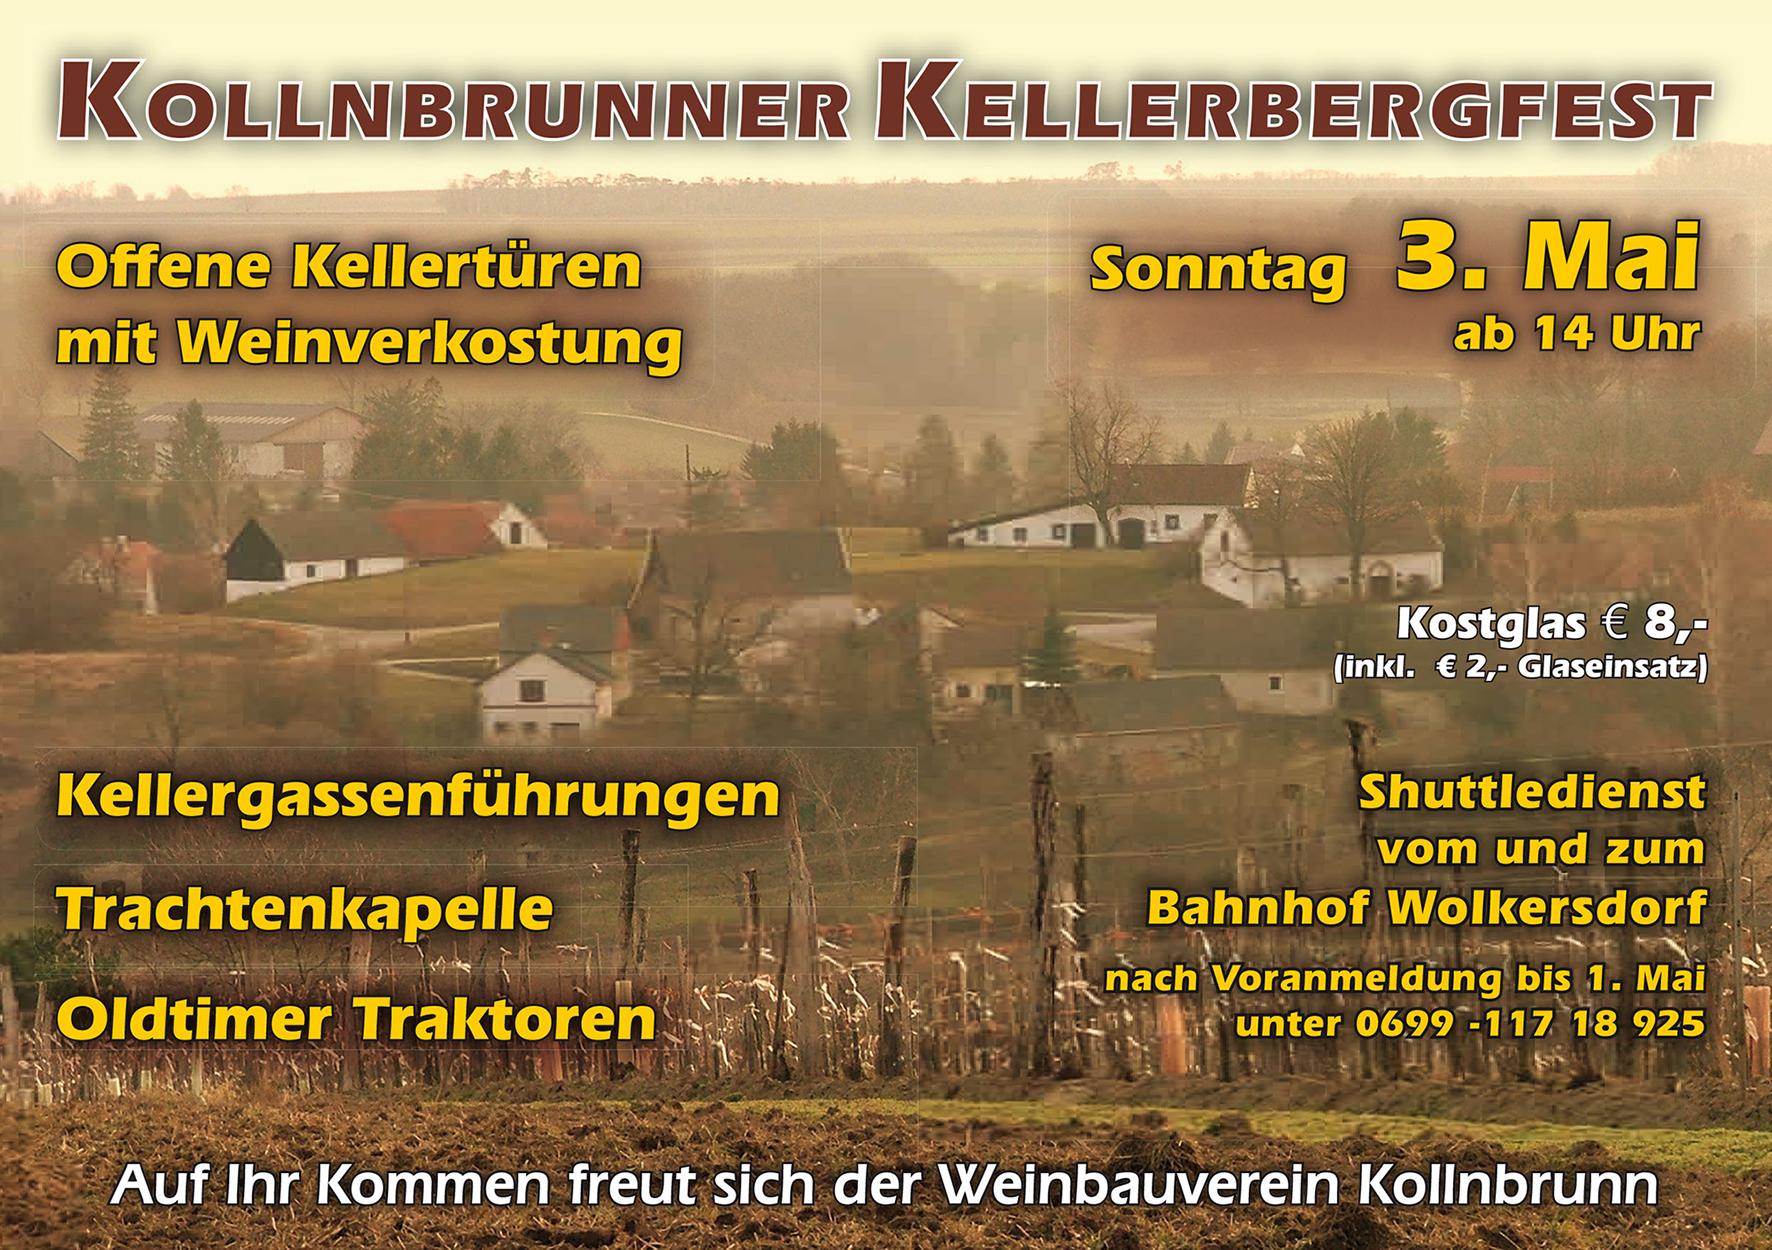 Kollnbrunner Kellerberg